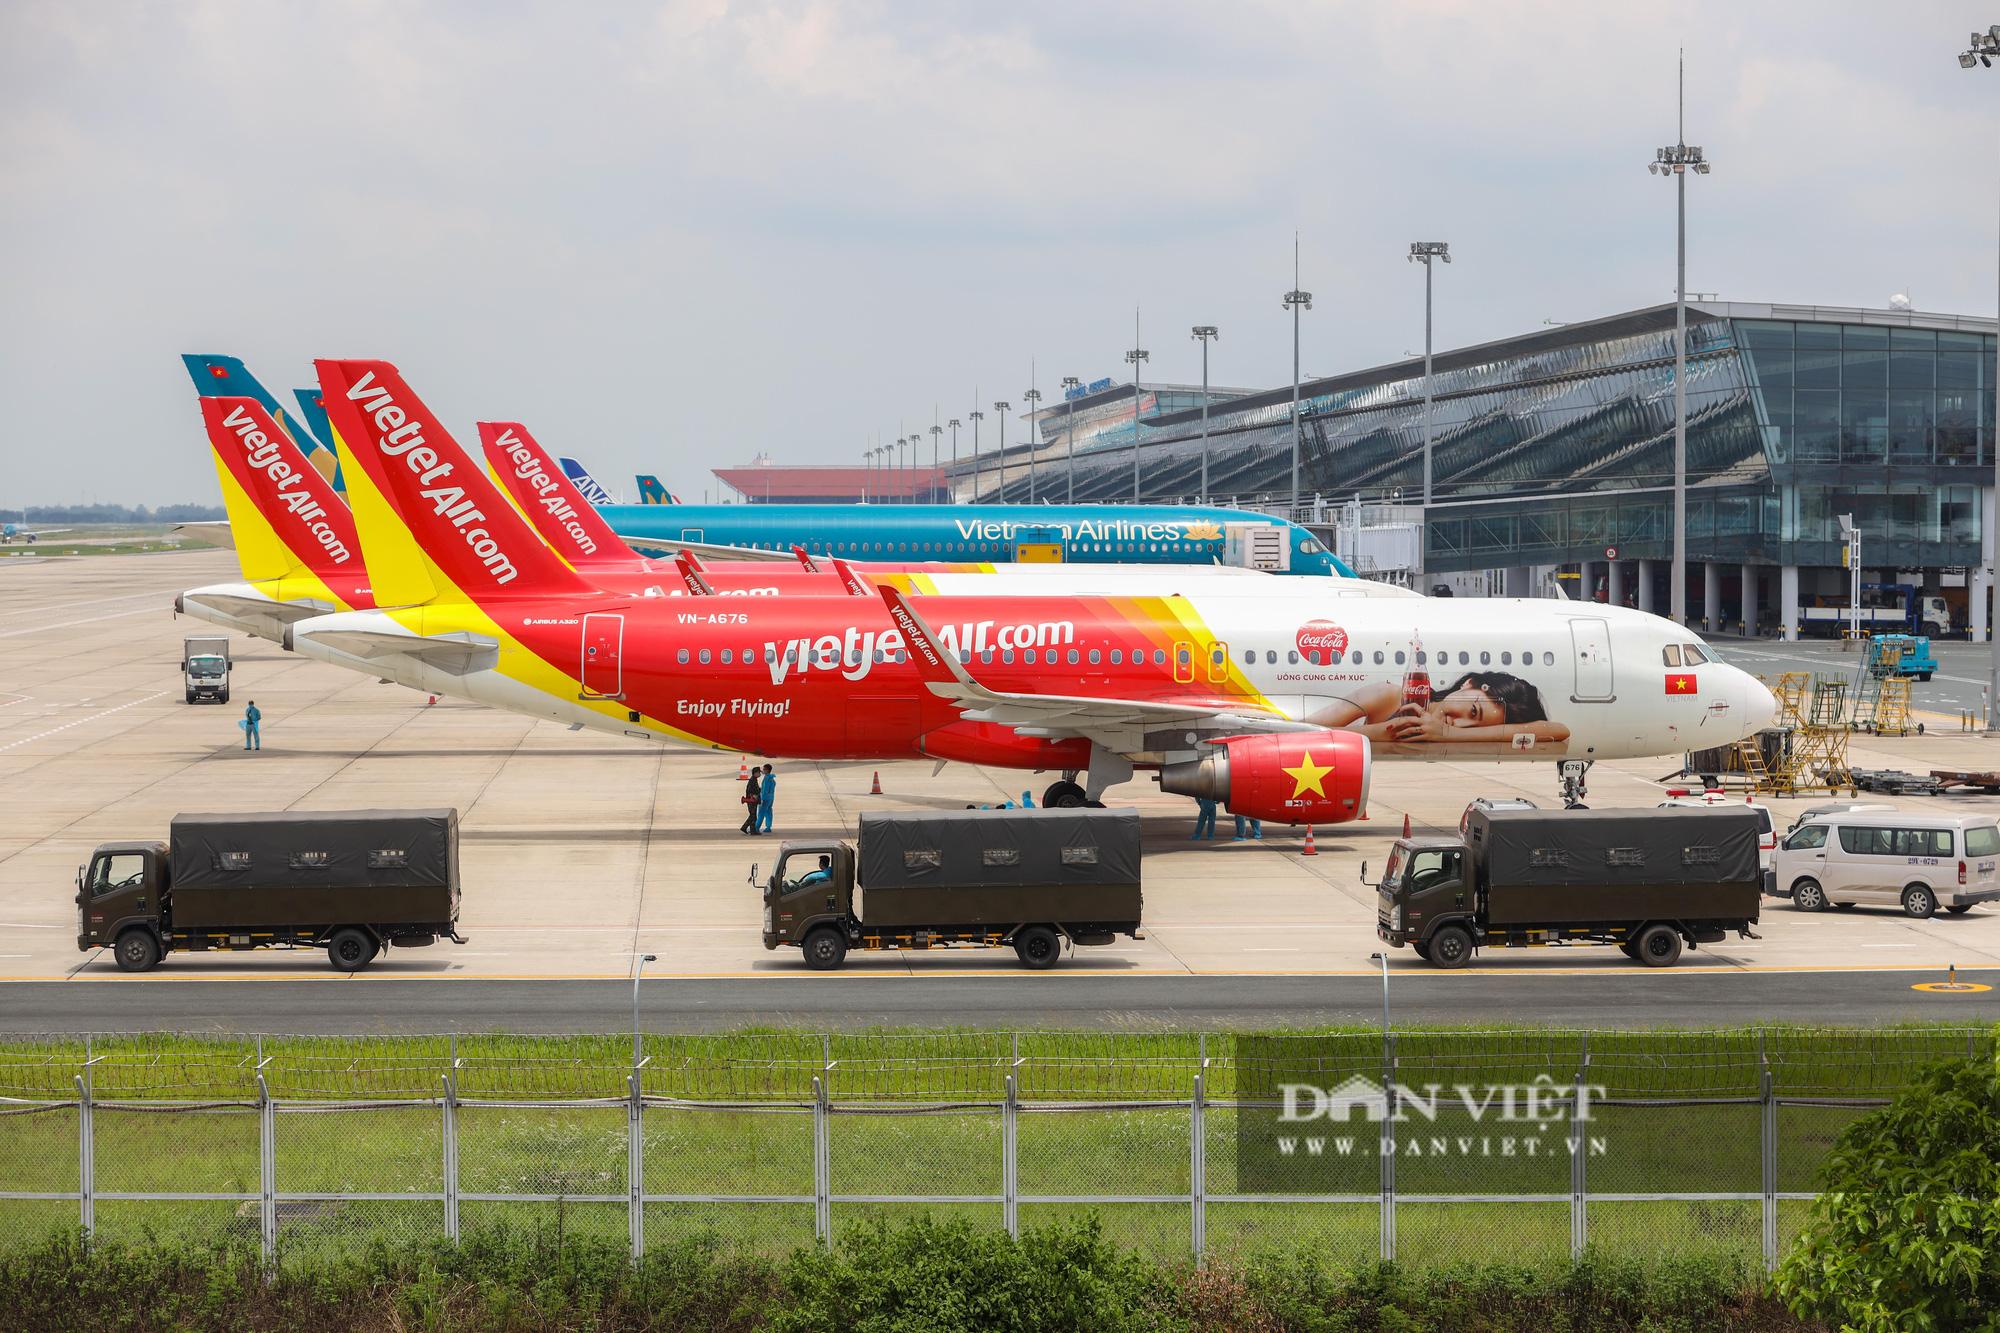 Chuyến bay đặc biệt đưa 207 người mắc kẹt ở Đà Nẵng về Hà Nội - Ảnh 2.